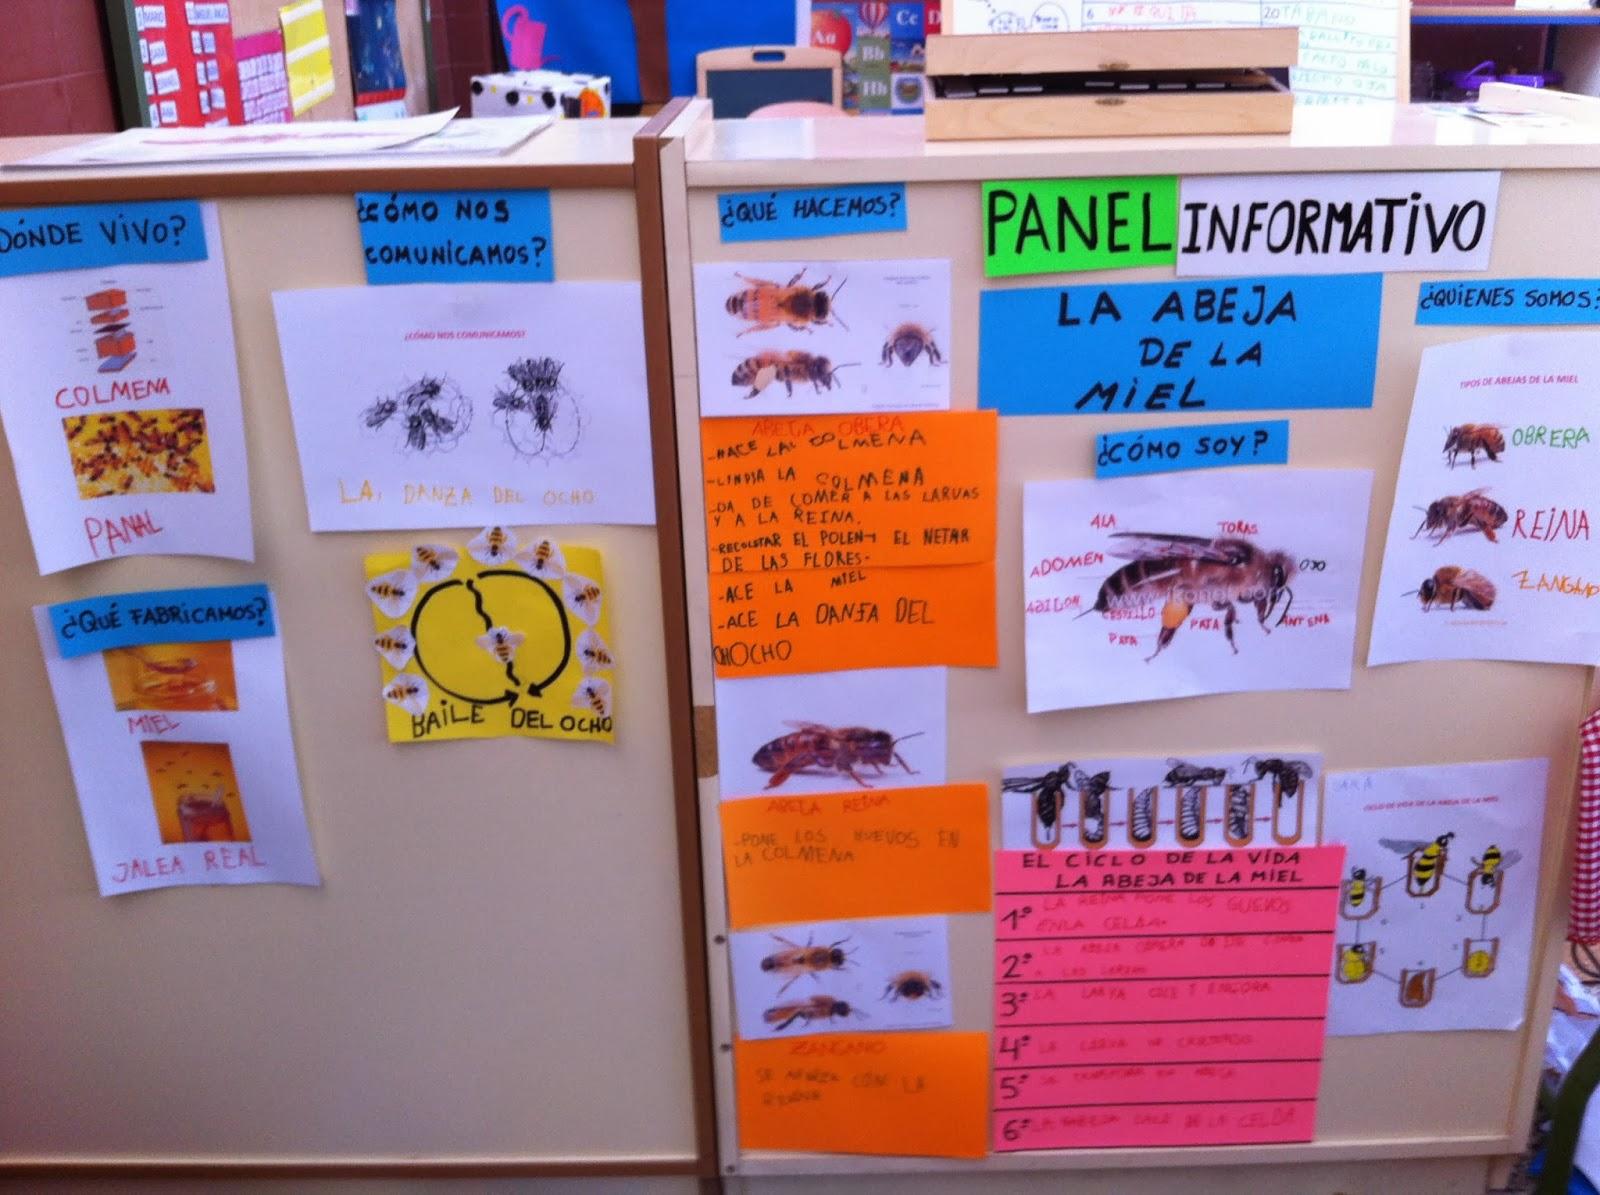 El sue o de ser panel informativo la abeja de la miel for Cuales son los pasos para realizar un periodico mural